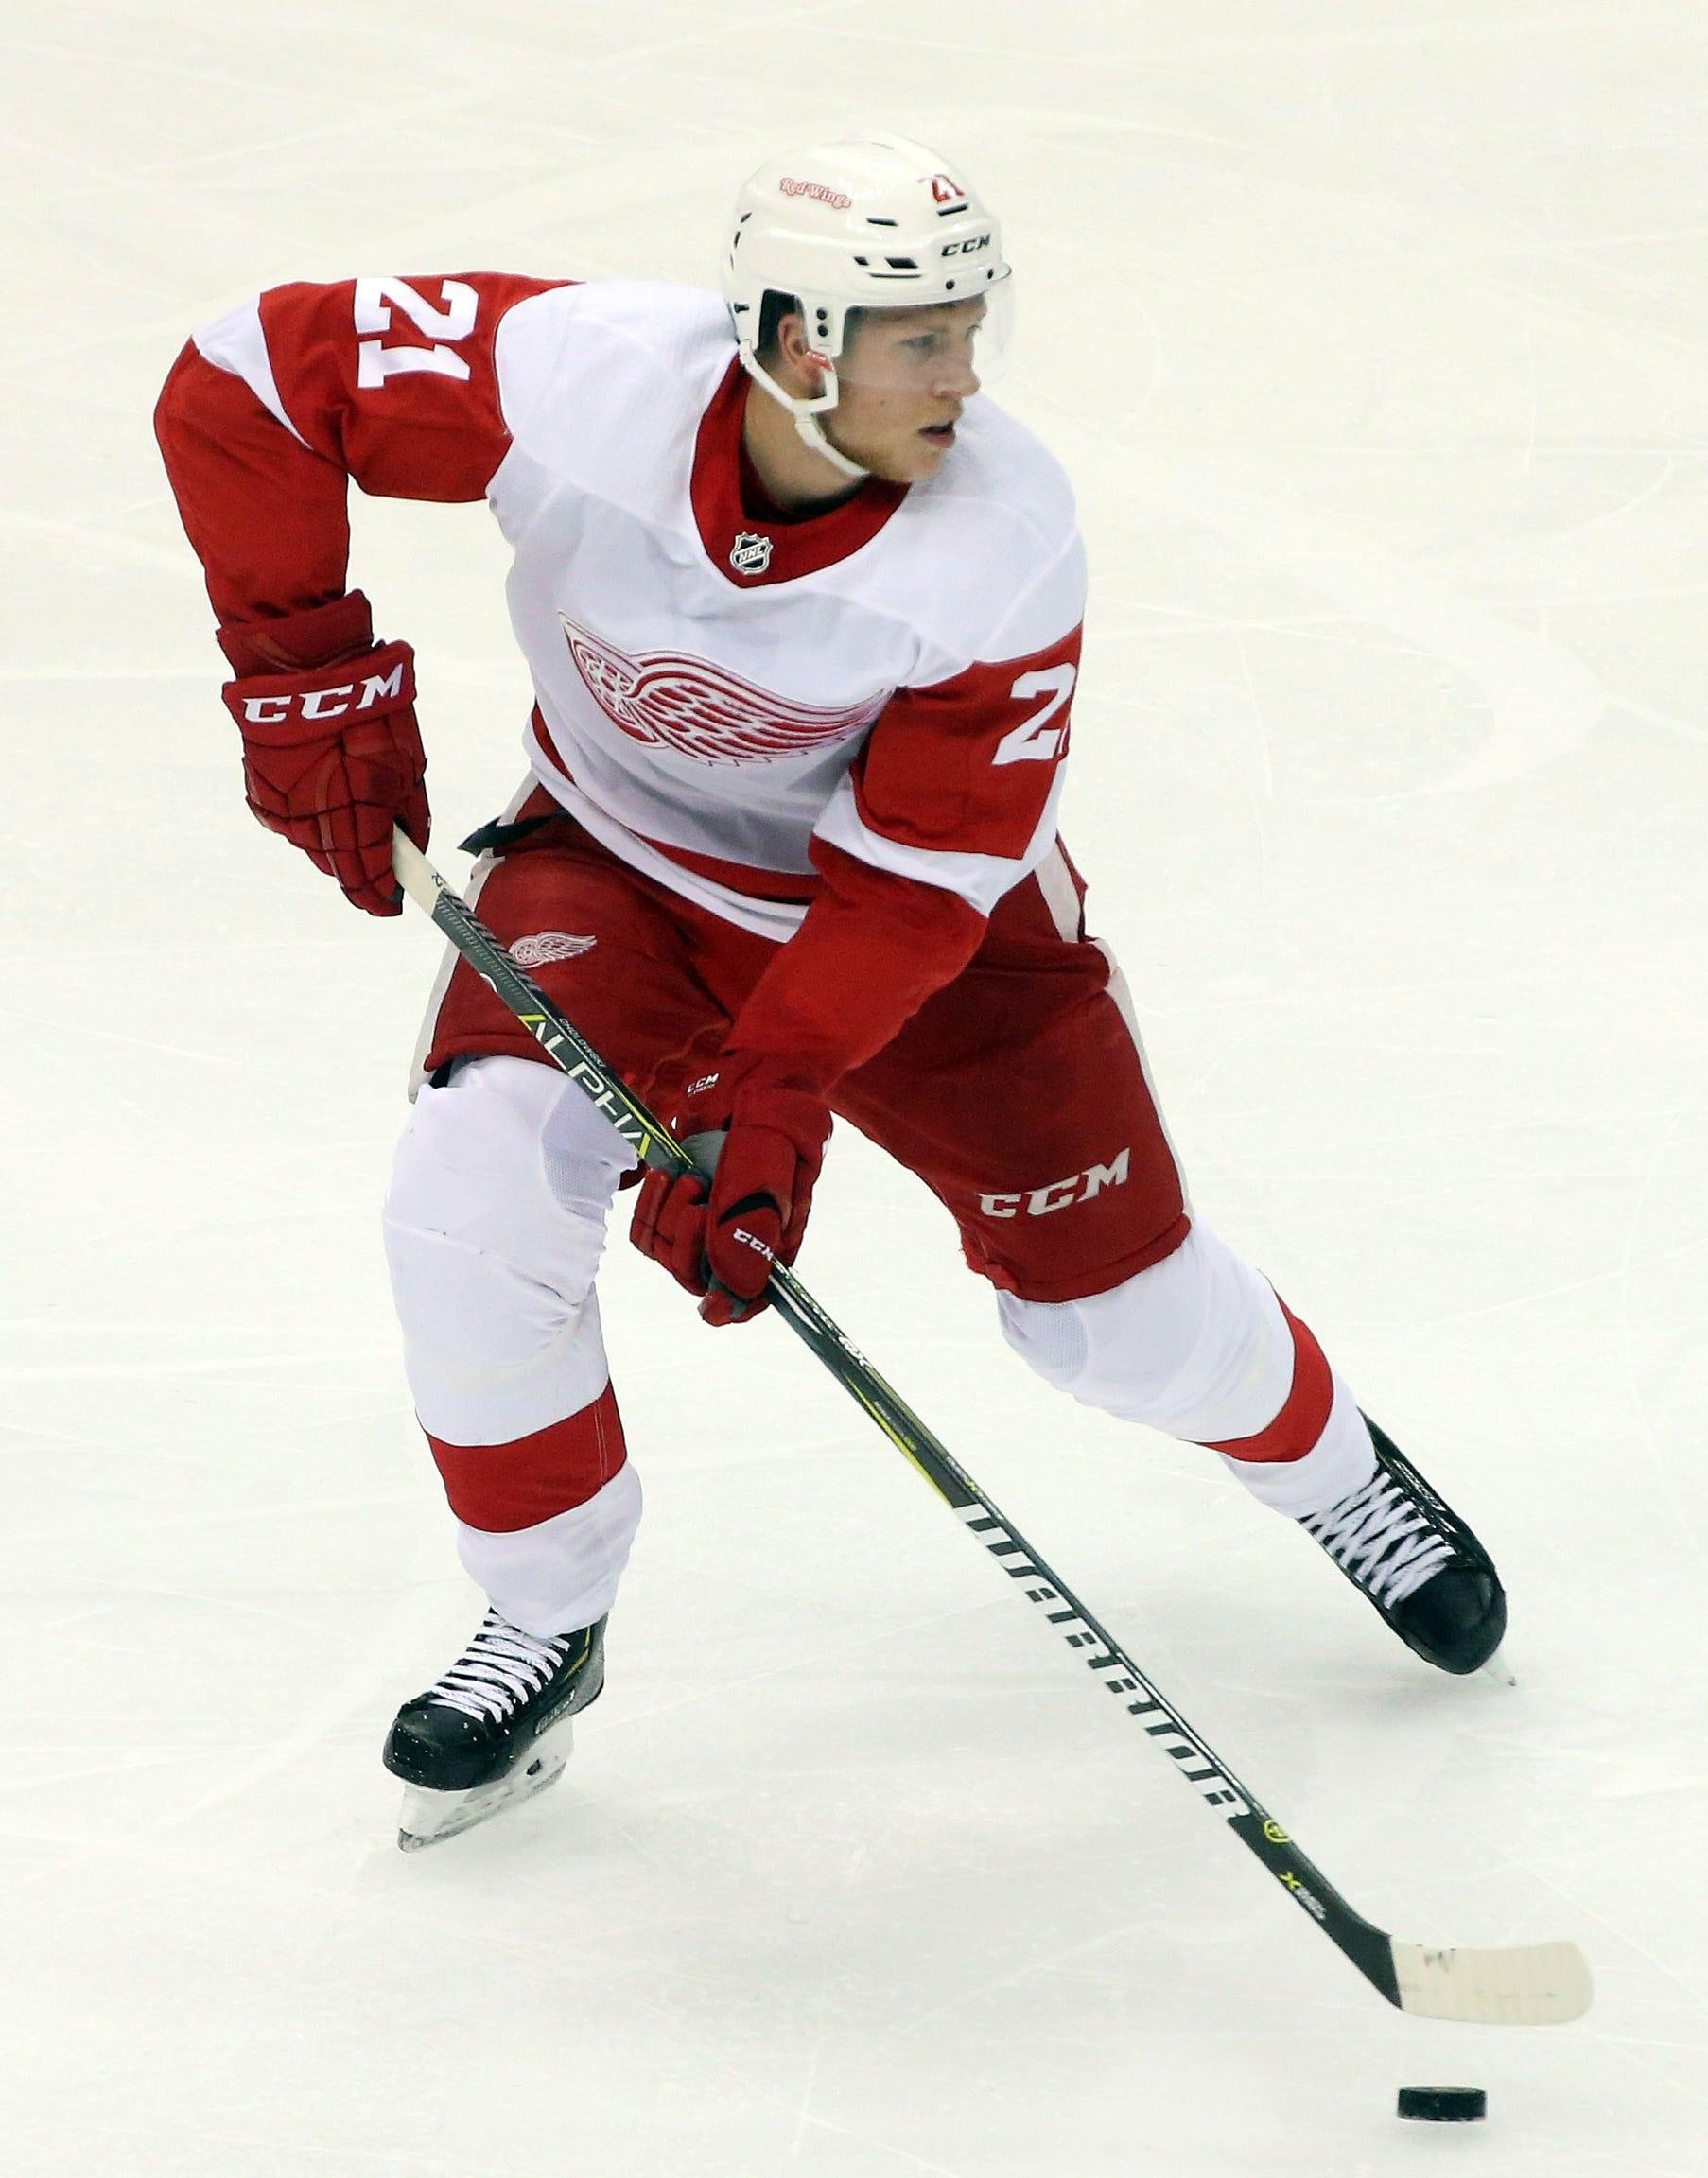 Nhl Preseason Detroit Red Wings At Pittsburgh Penguins